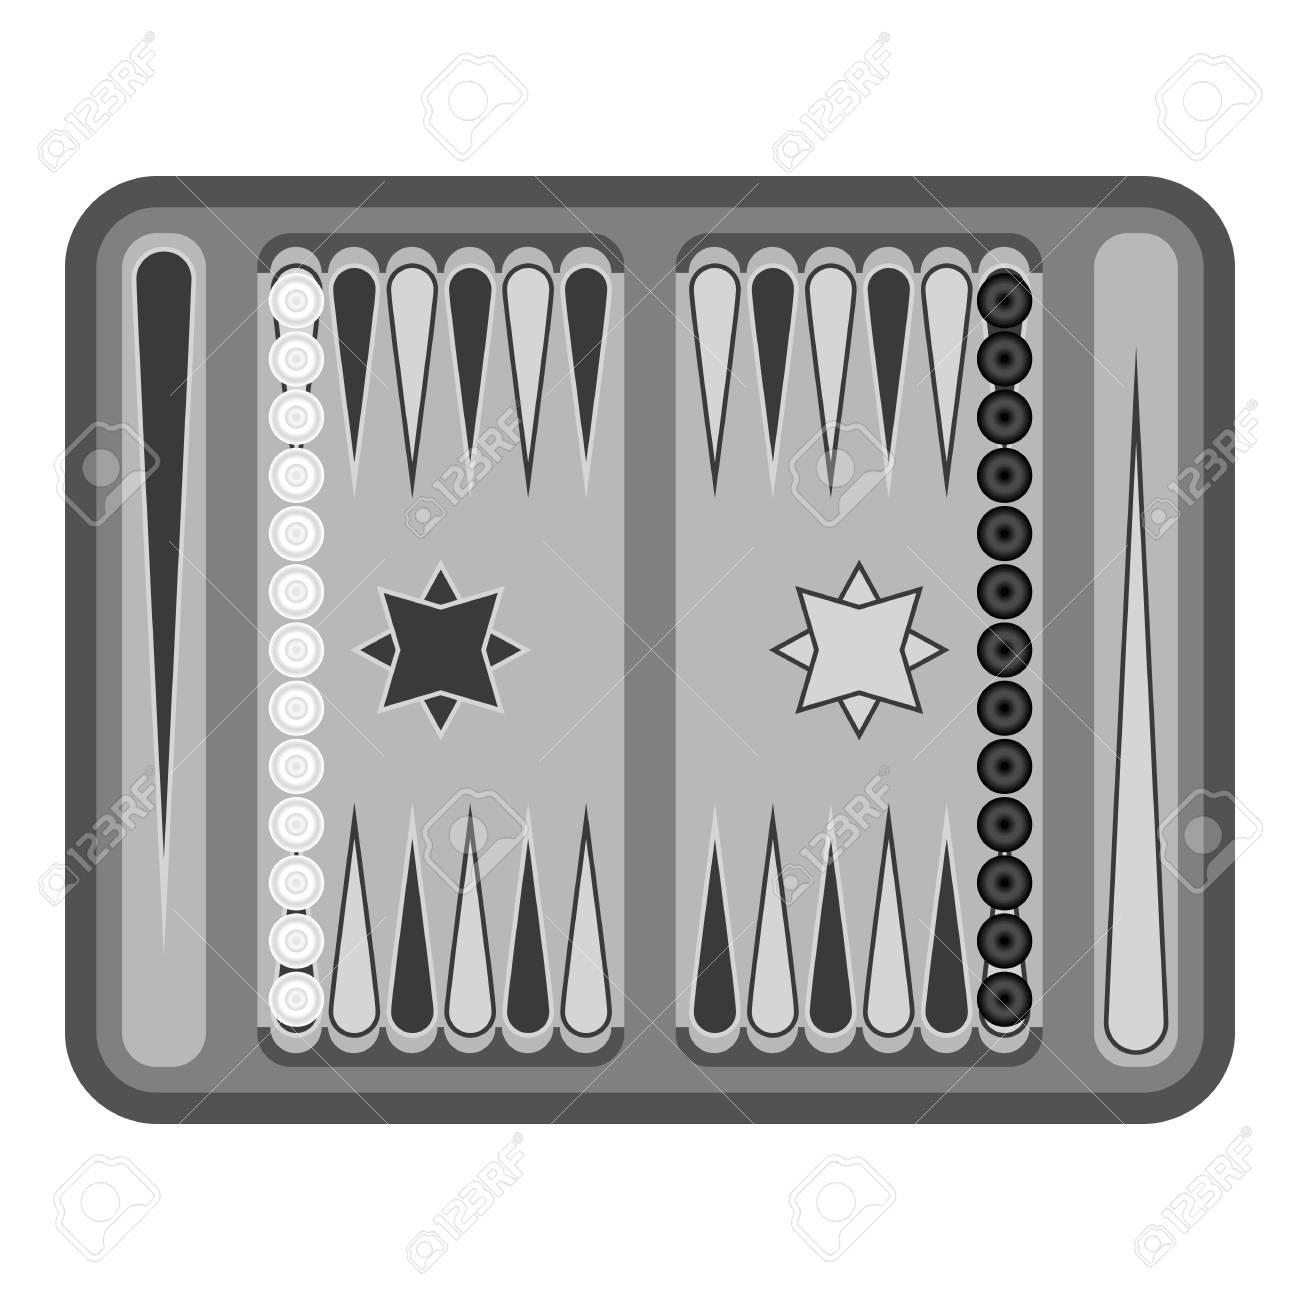 Icono De Backgammon En Estilo Blanco Y Negro Sobre Fondo Blanco Los